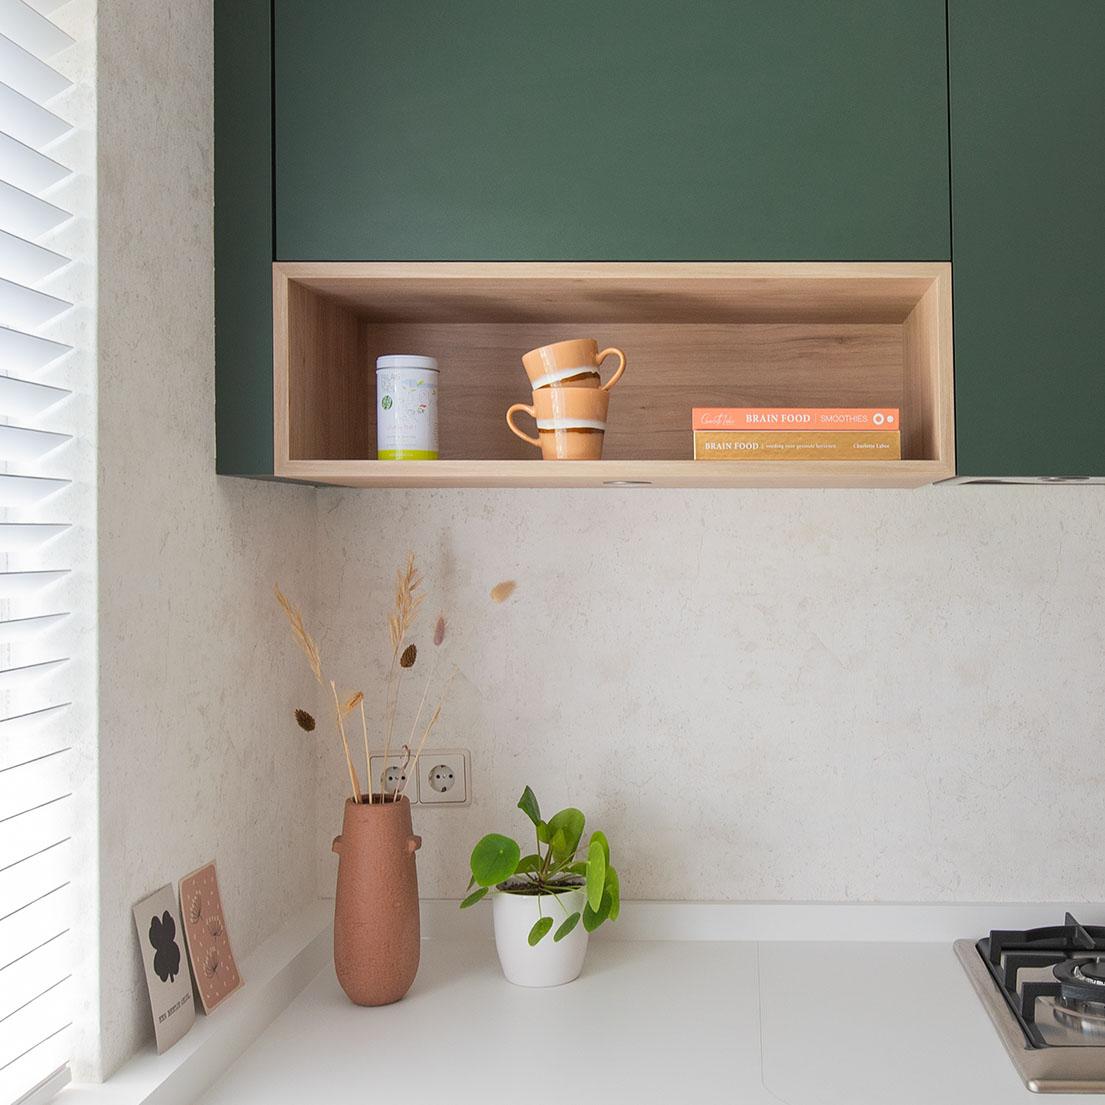 keuken drunen detail interieuradvies styling interieurontwerp maatwerk 2